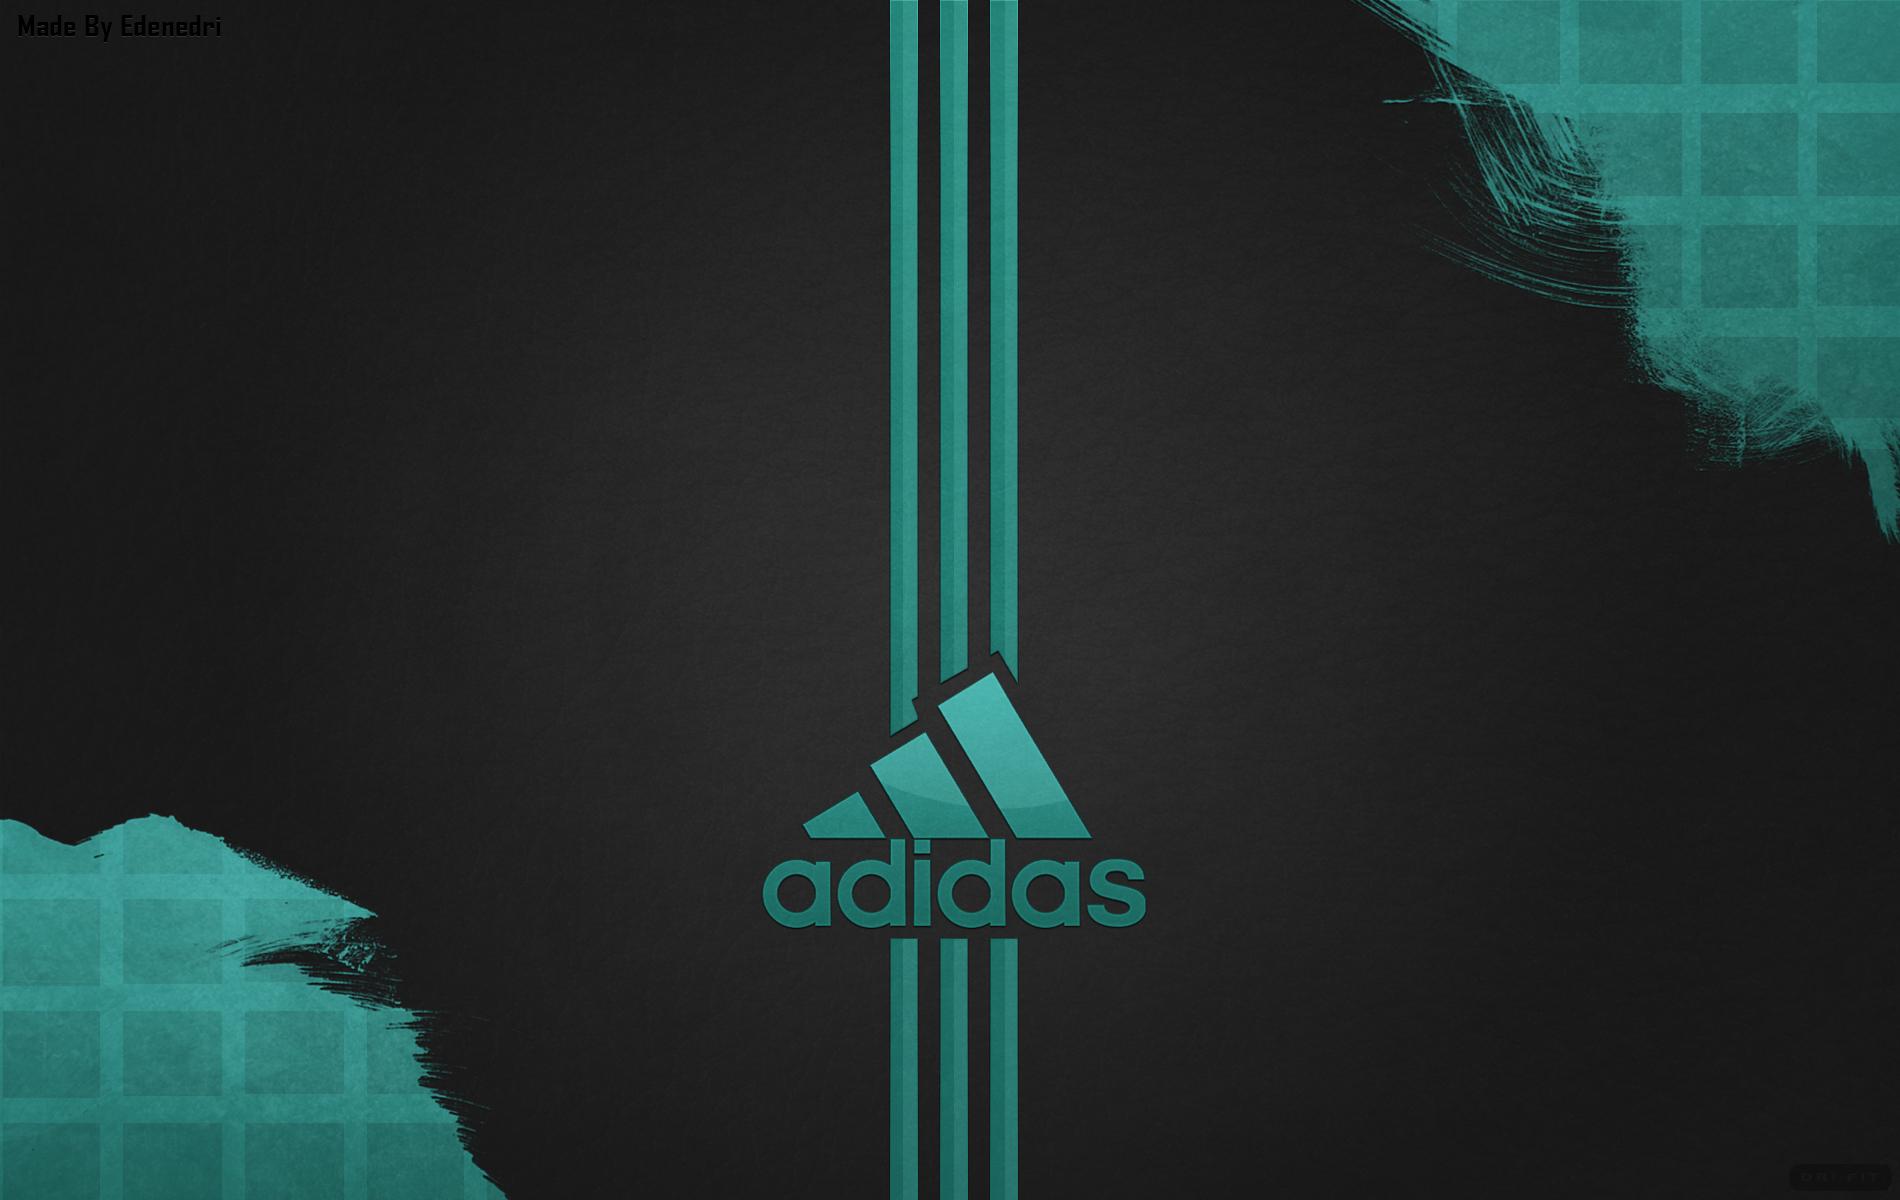 adidas wallpaper hd wallpapersafari shoes victoria shoes victoria secret